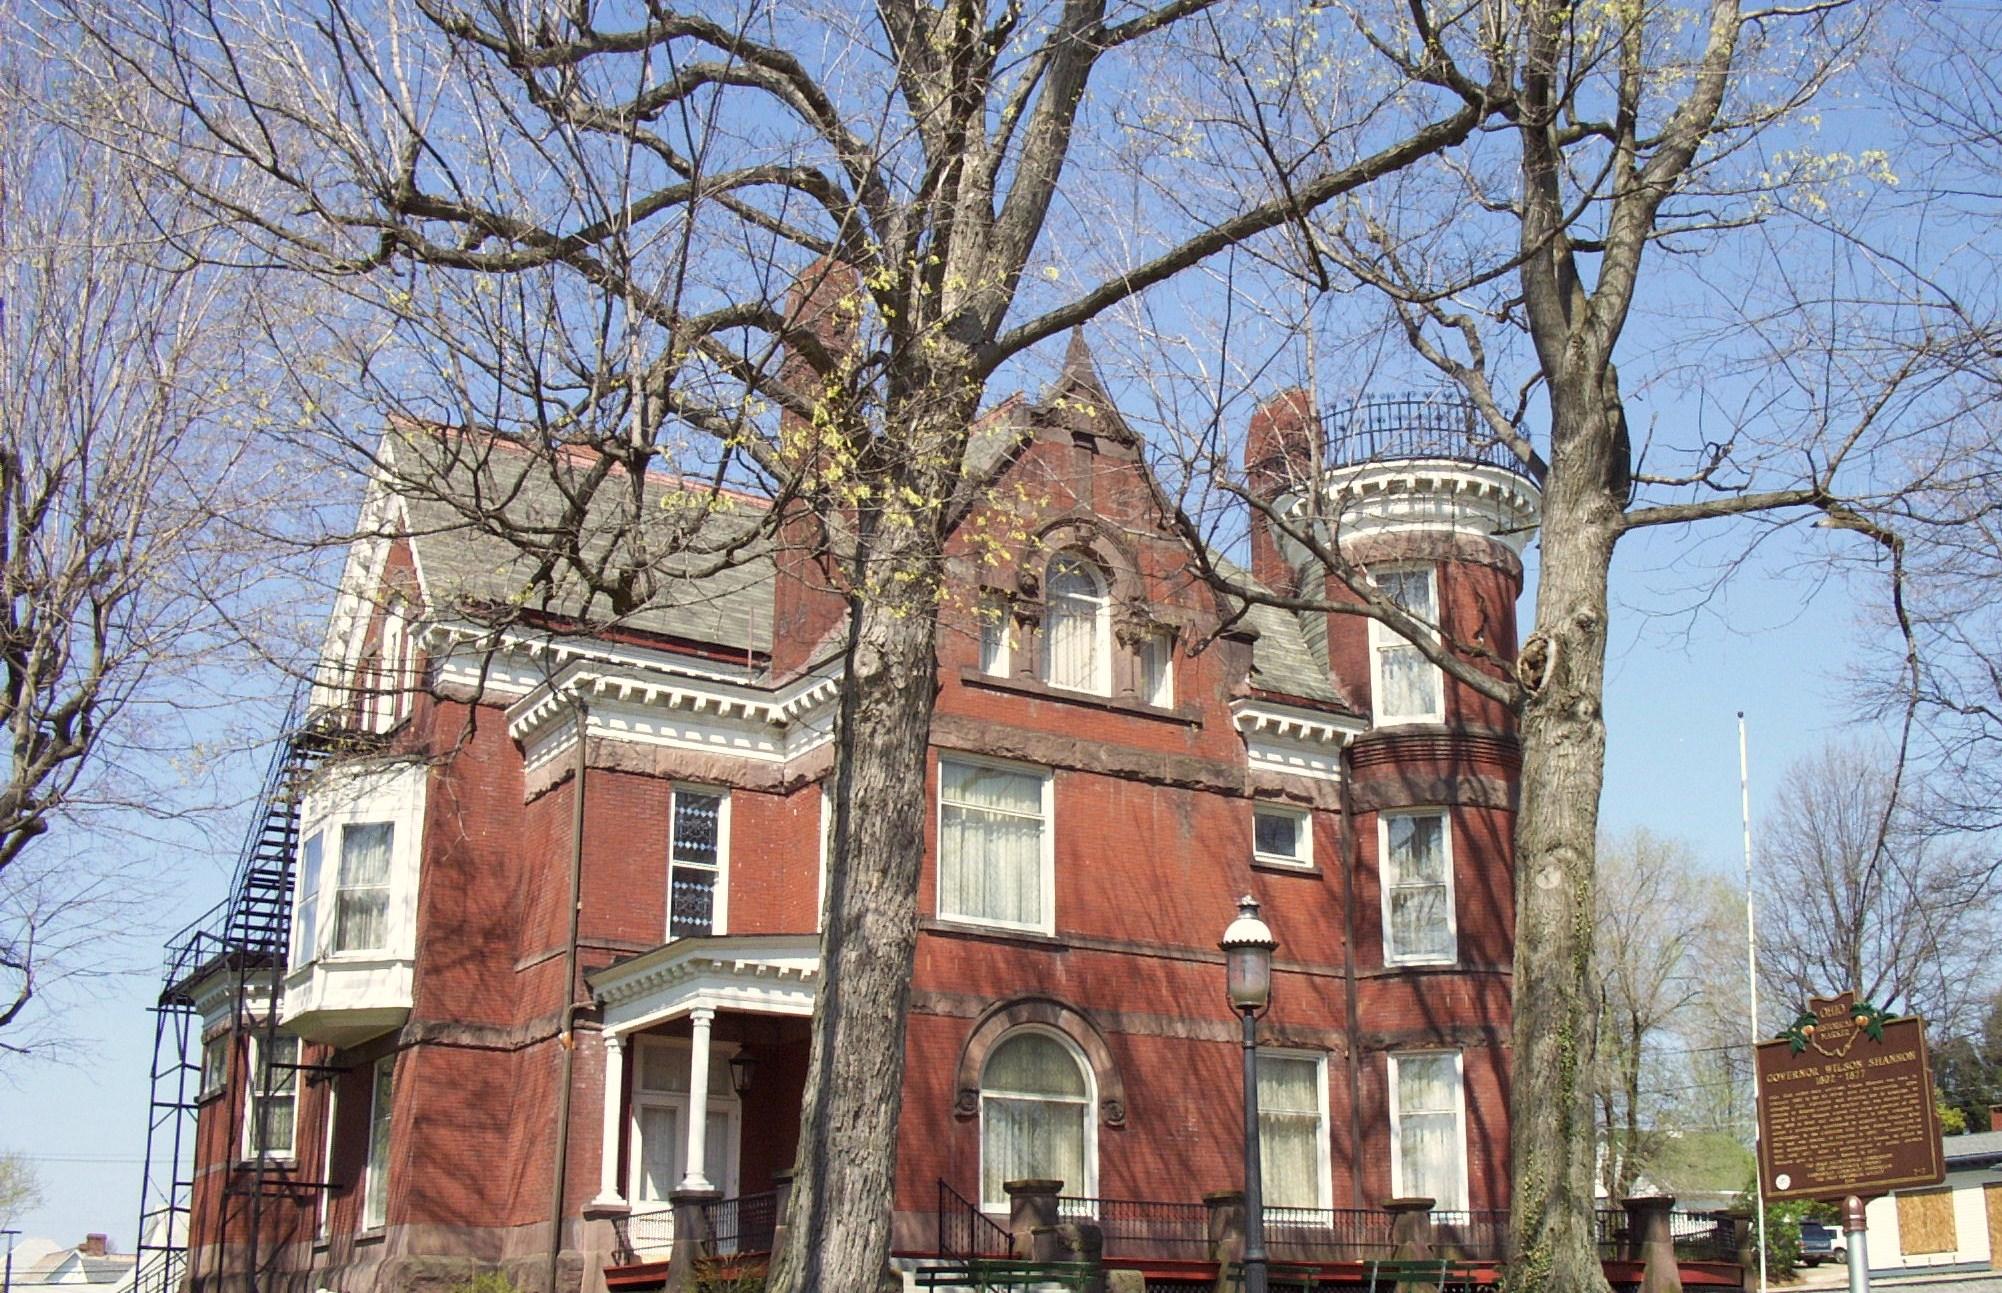 Belmont Cty Victorian Mansion